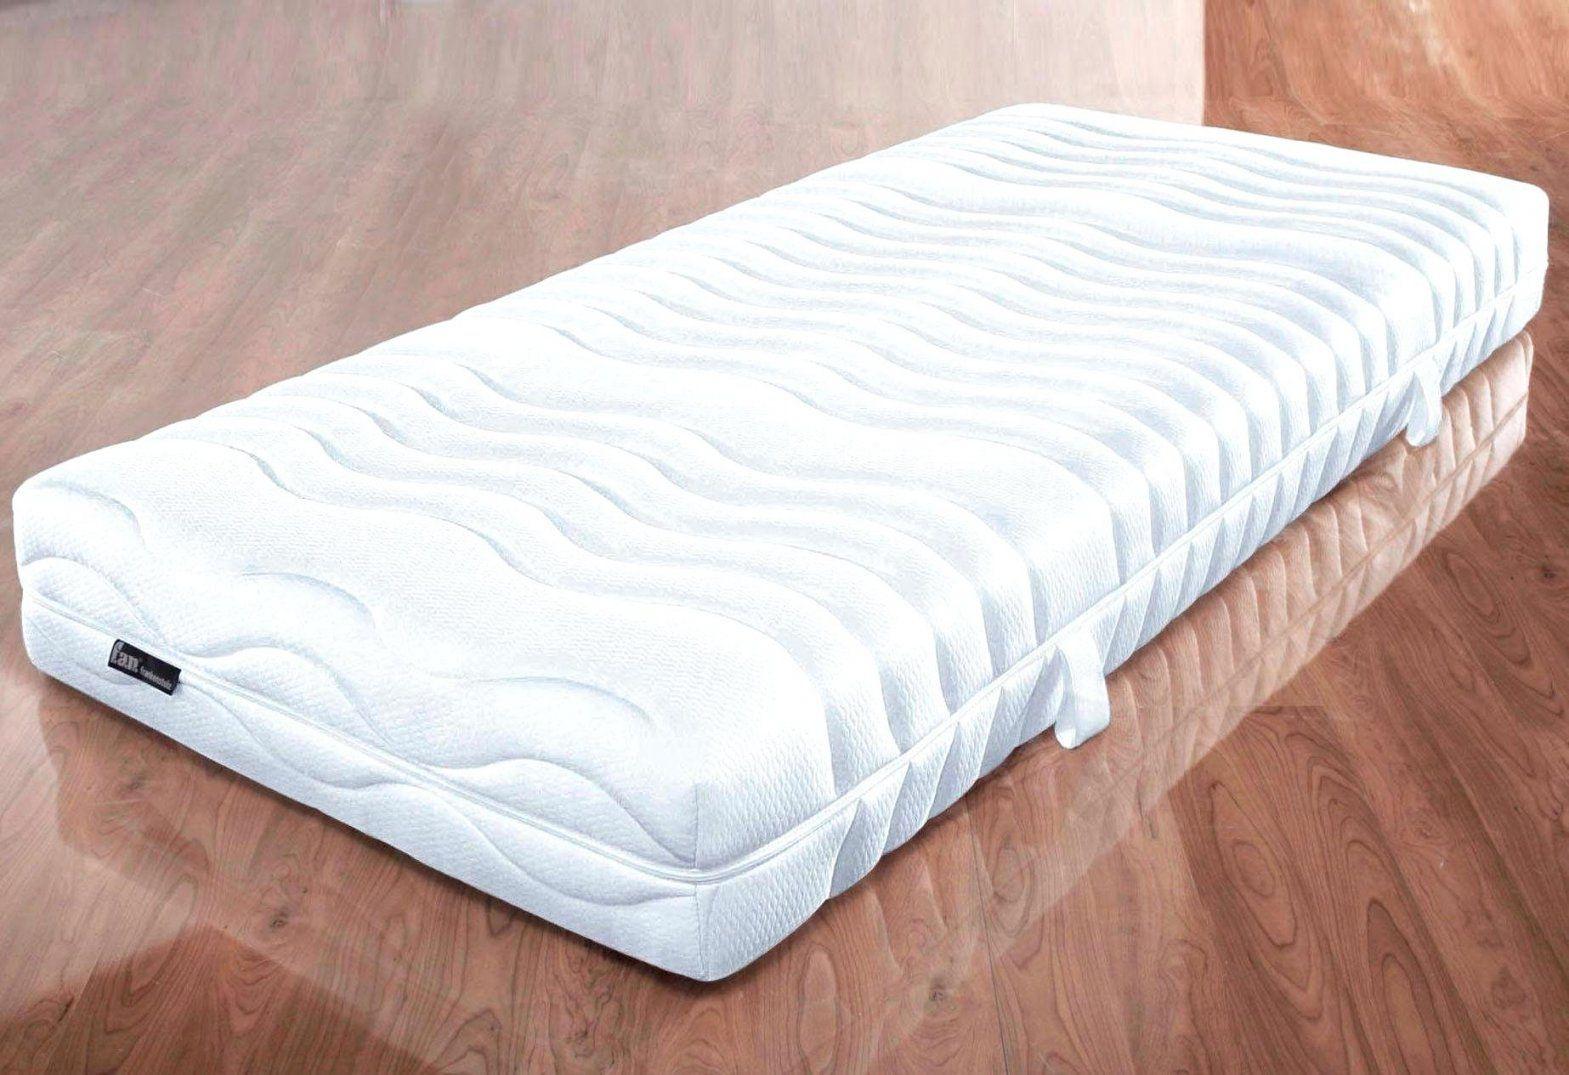 Aldi Tonnentaschenfederkern Matratze – Makemoneywithjiniclub von Aldi Süd Dormia Taschenfederkernmatratze Bild